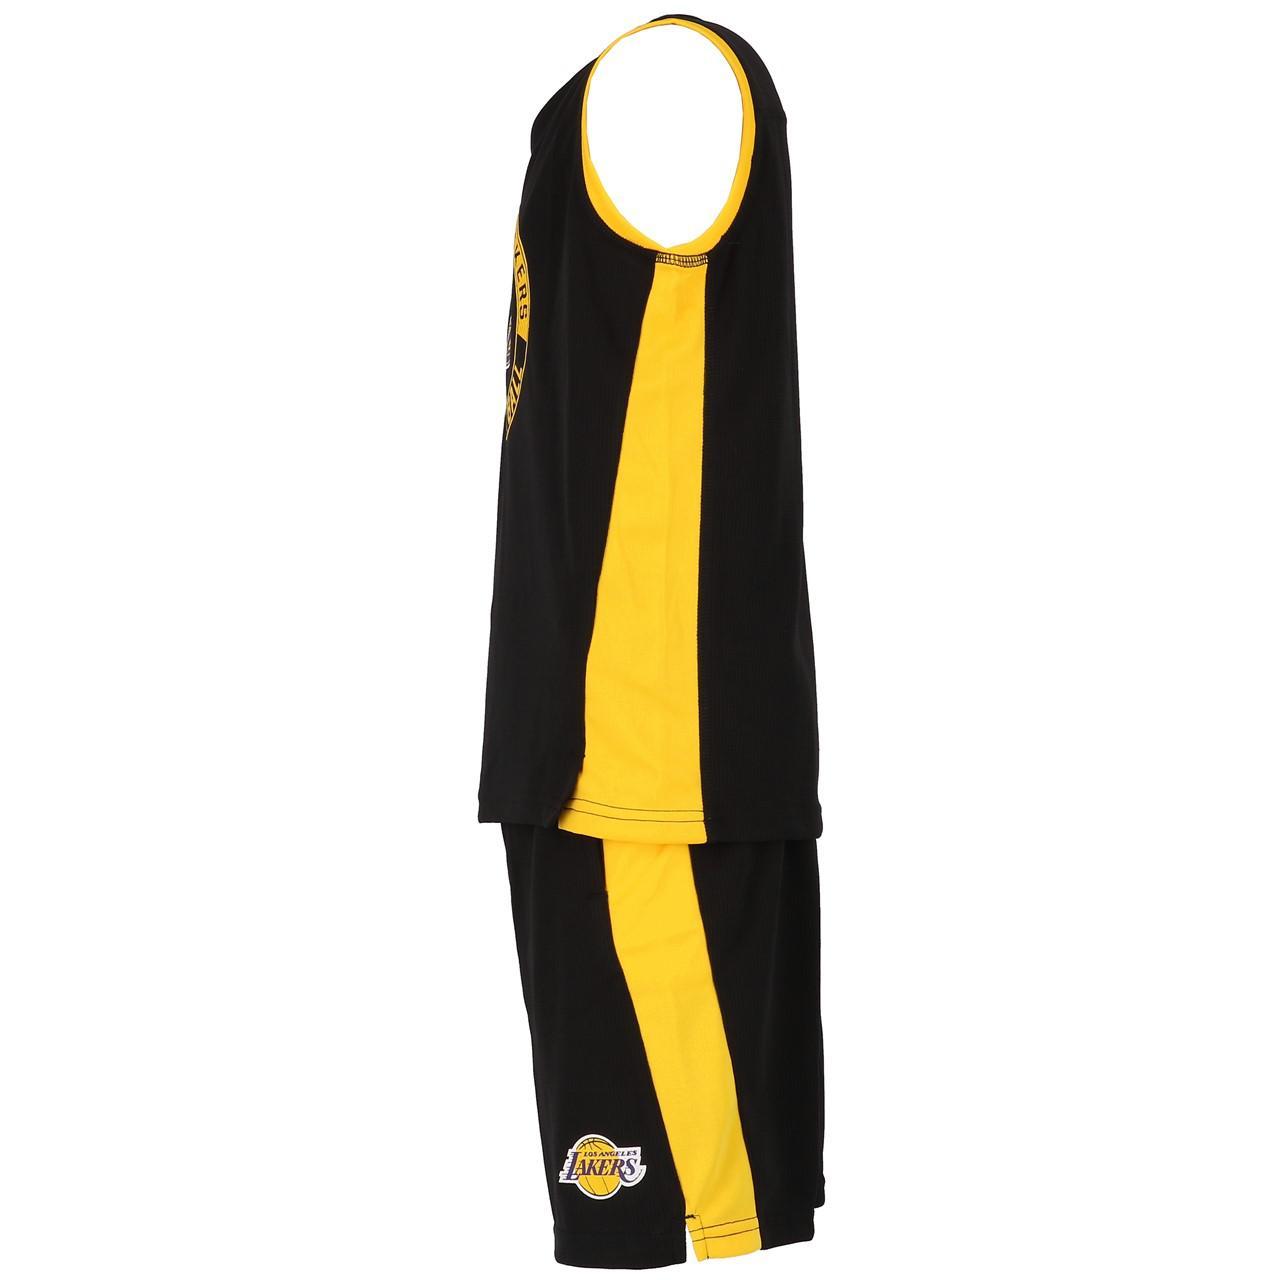 Ensemble-set-Outstuff-Lakers-minikit-maillot-short-Noir-57655-Neuf miniature 2